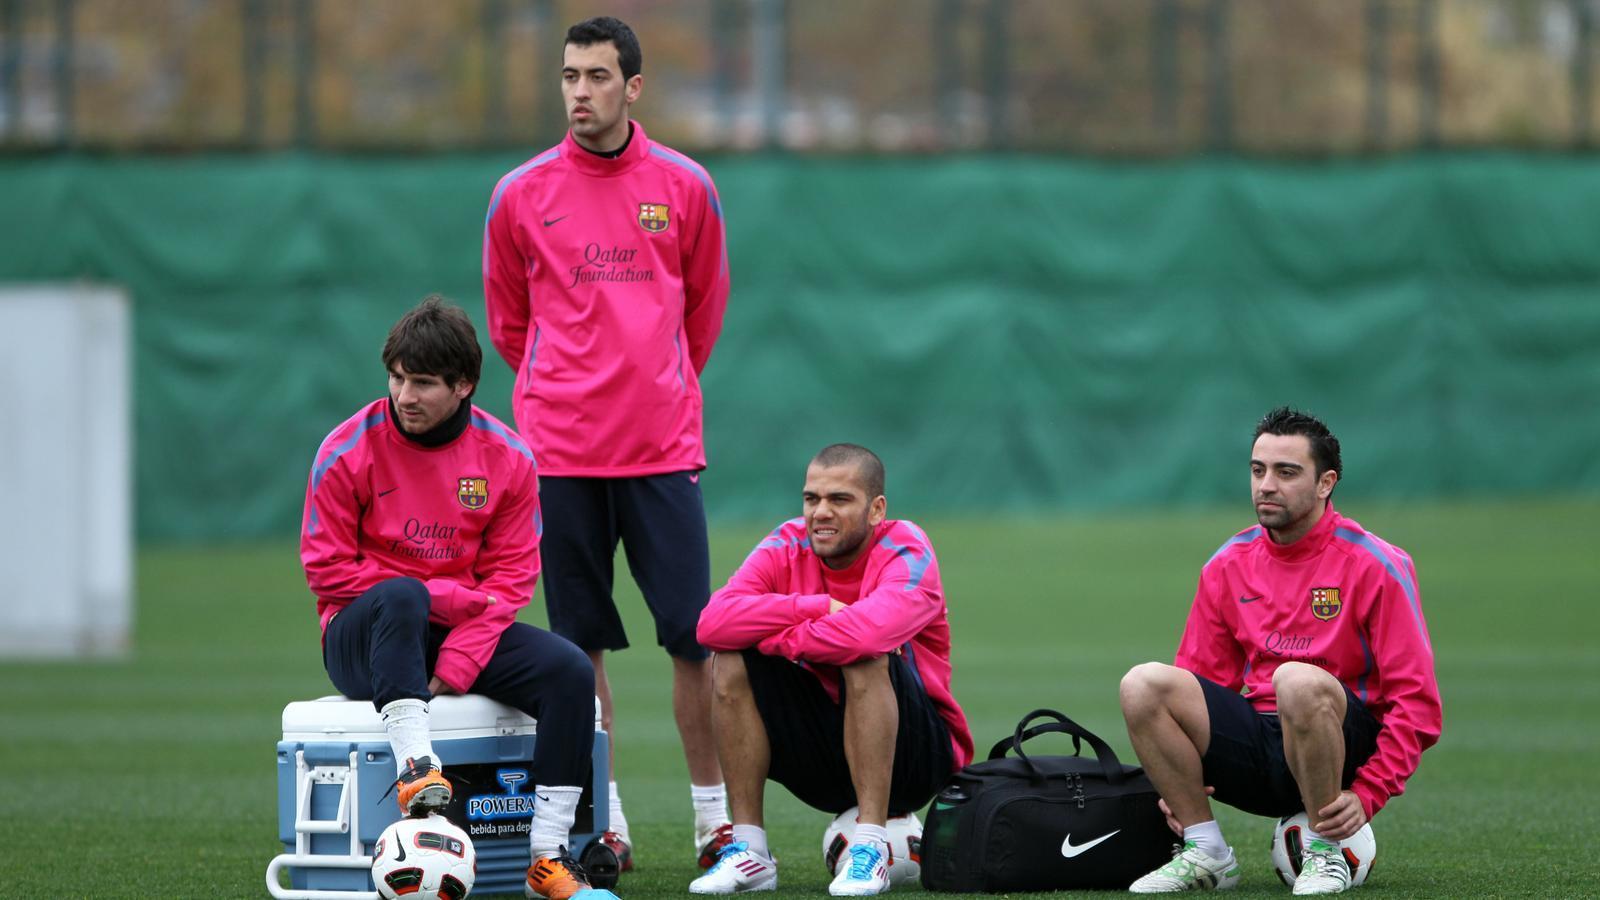 Tranquil·litat Els blaugranes -d'esquerra a dreta: Messi, Busquets, Alves i Xavi- descansen durant un entrenament. / FCBARCELONA.CAT